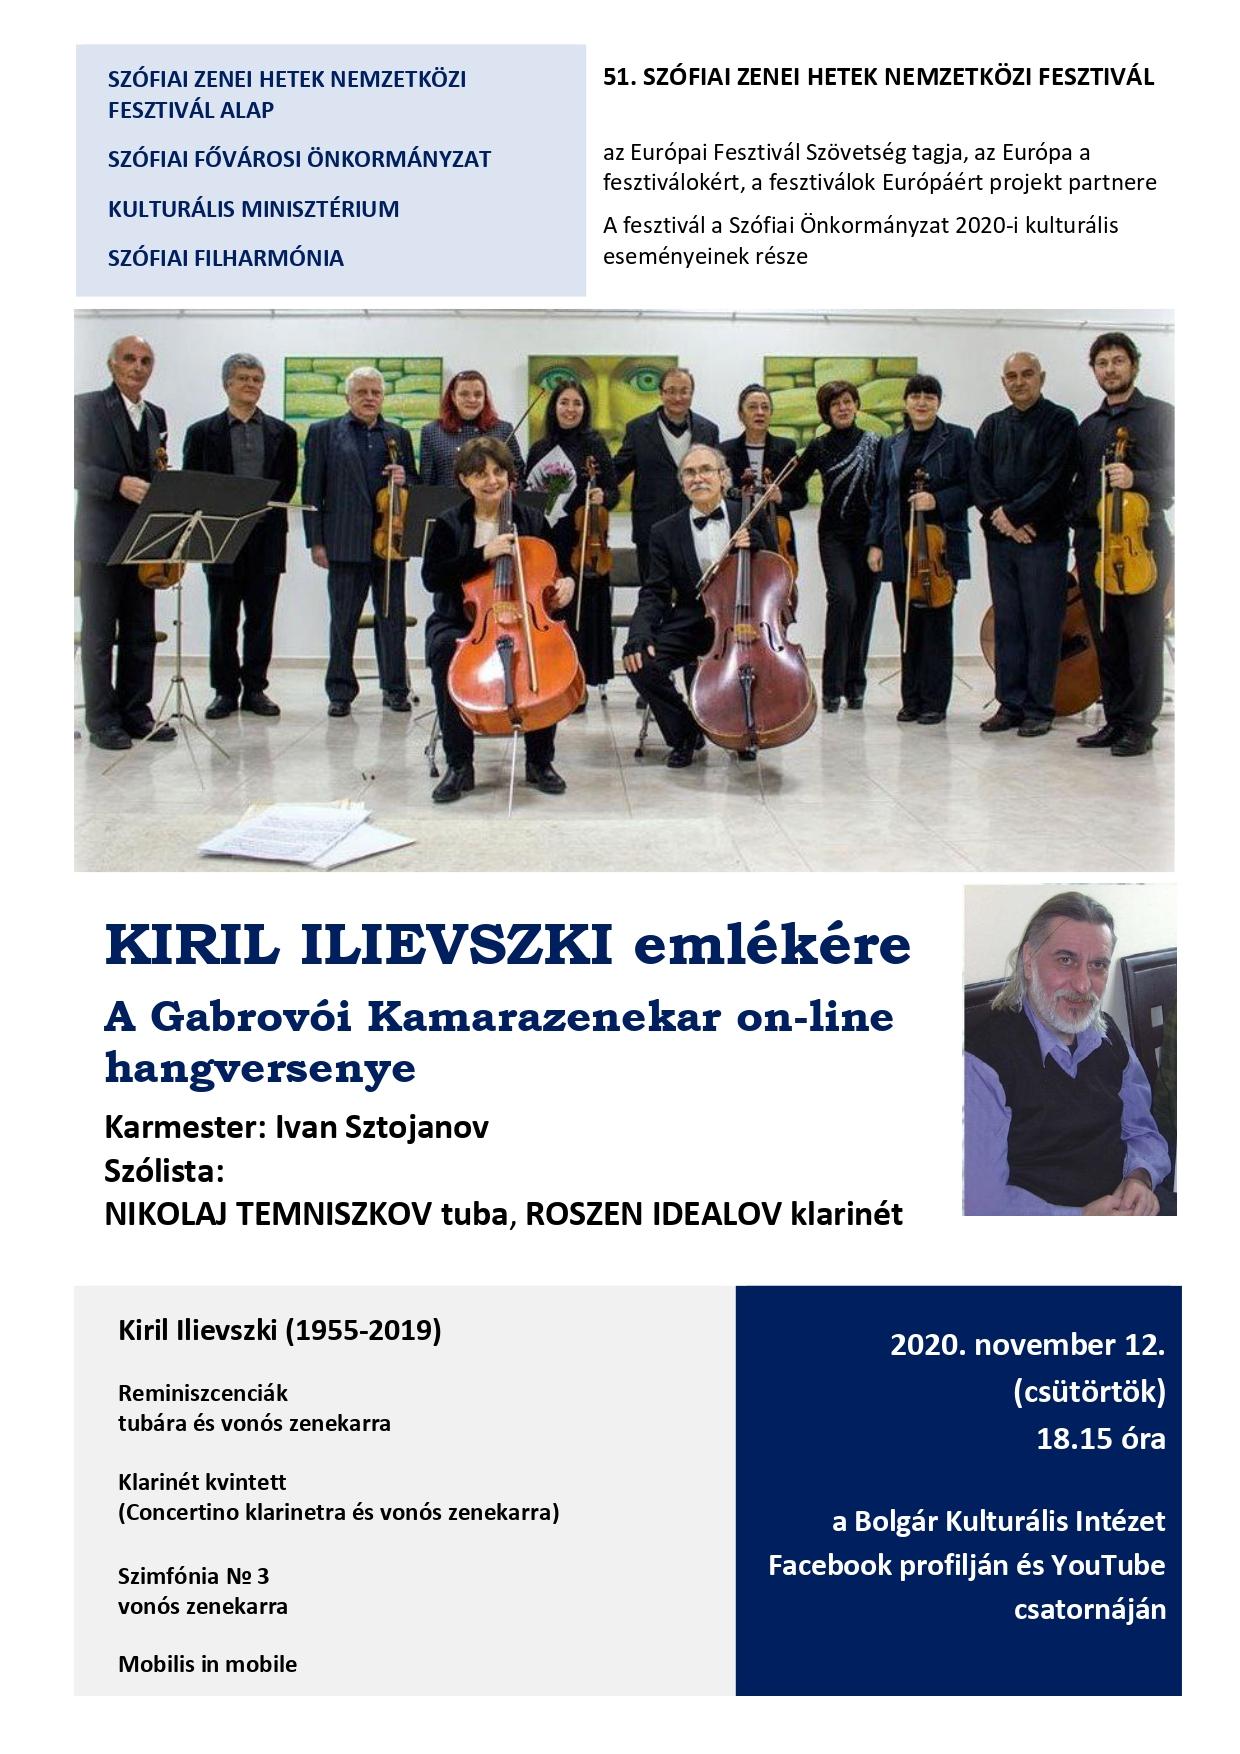 Plakat-online.concert_2020.11.12.jpg